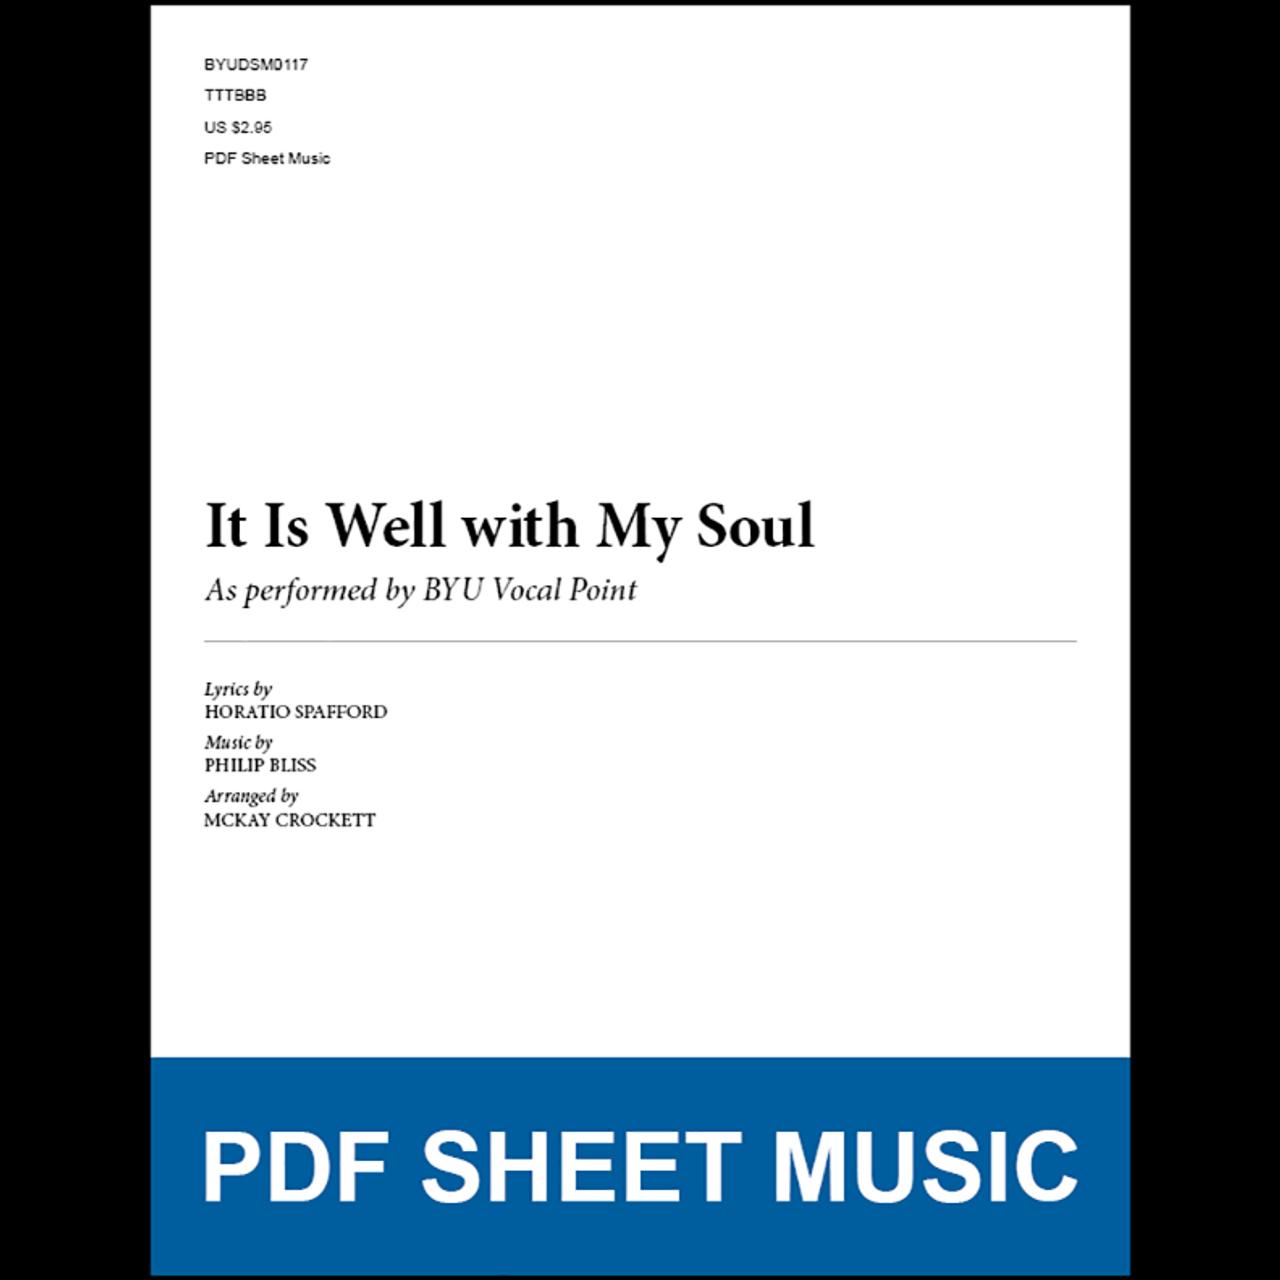 It Is Well with My Soul (Arr. by McKay Crockett - TTBB) [PDF Sheet ...